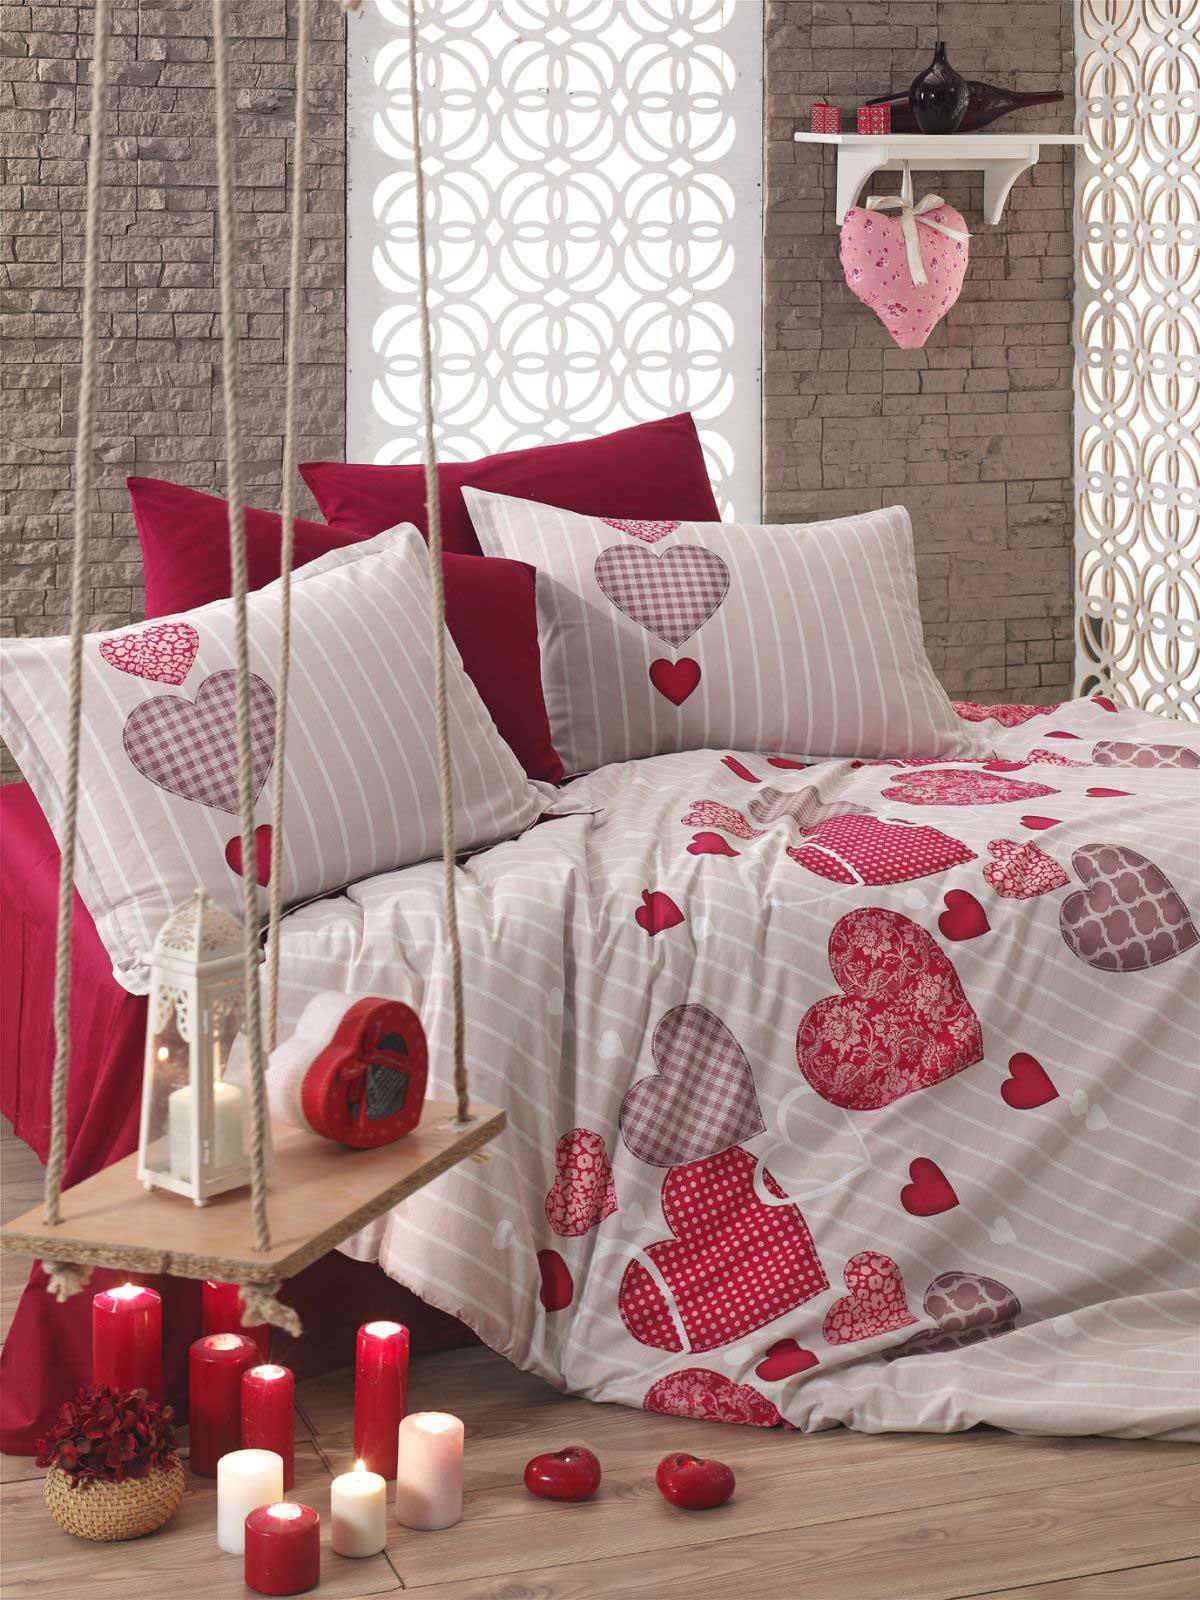 6 tlg bettw sche bettgarnitur 100 baumwolle kissen 220x240 cm heart rot neu ebay. Black Bedroom Furniture Sets. Home Design Ideas